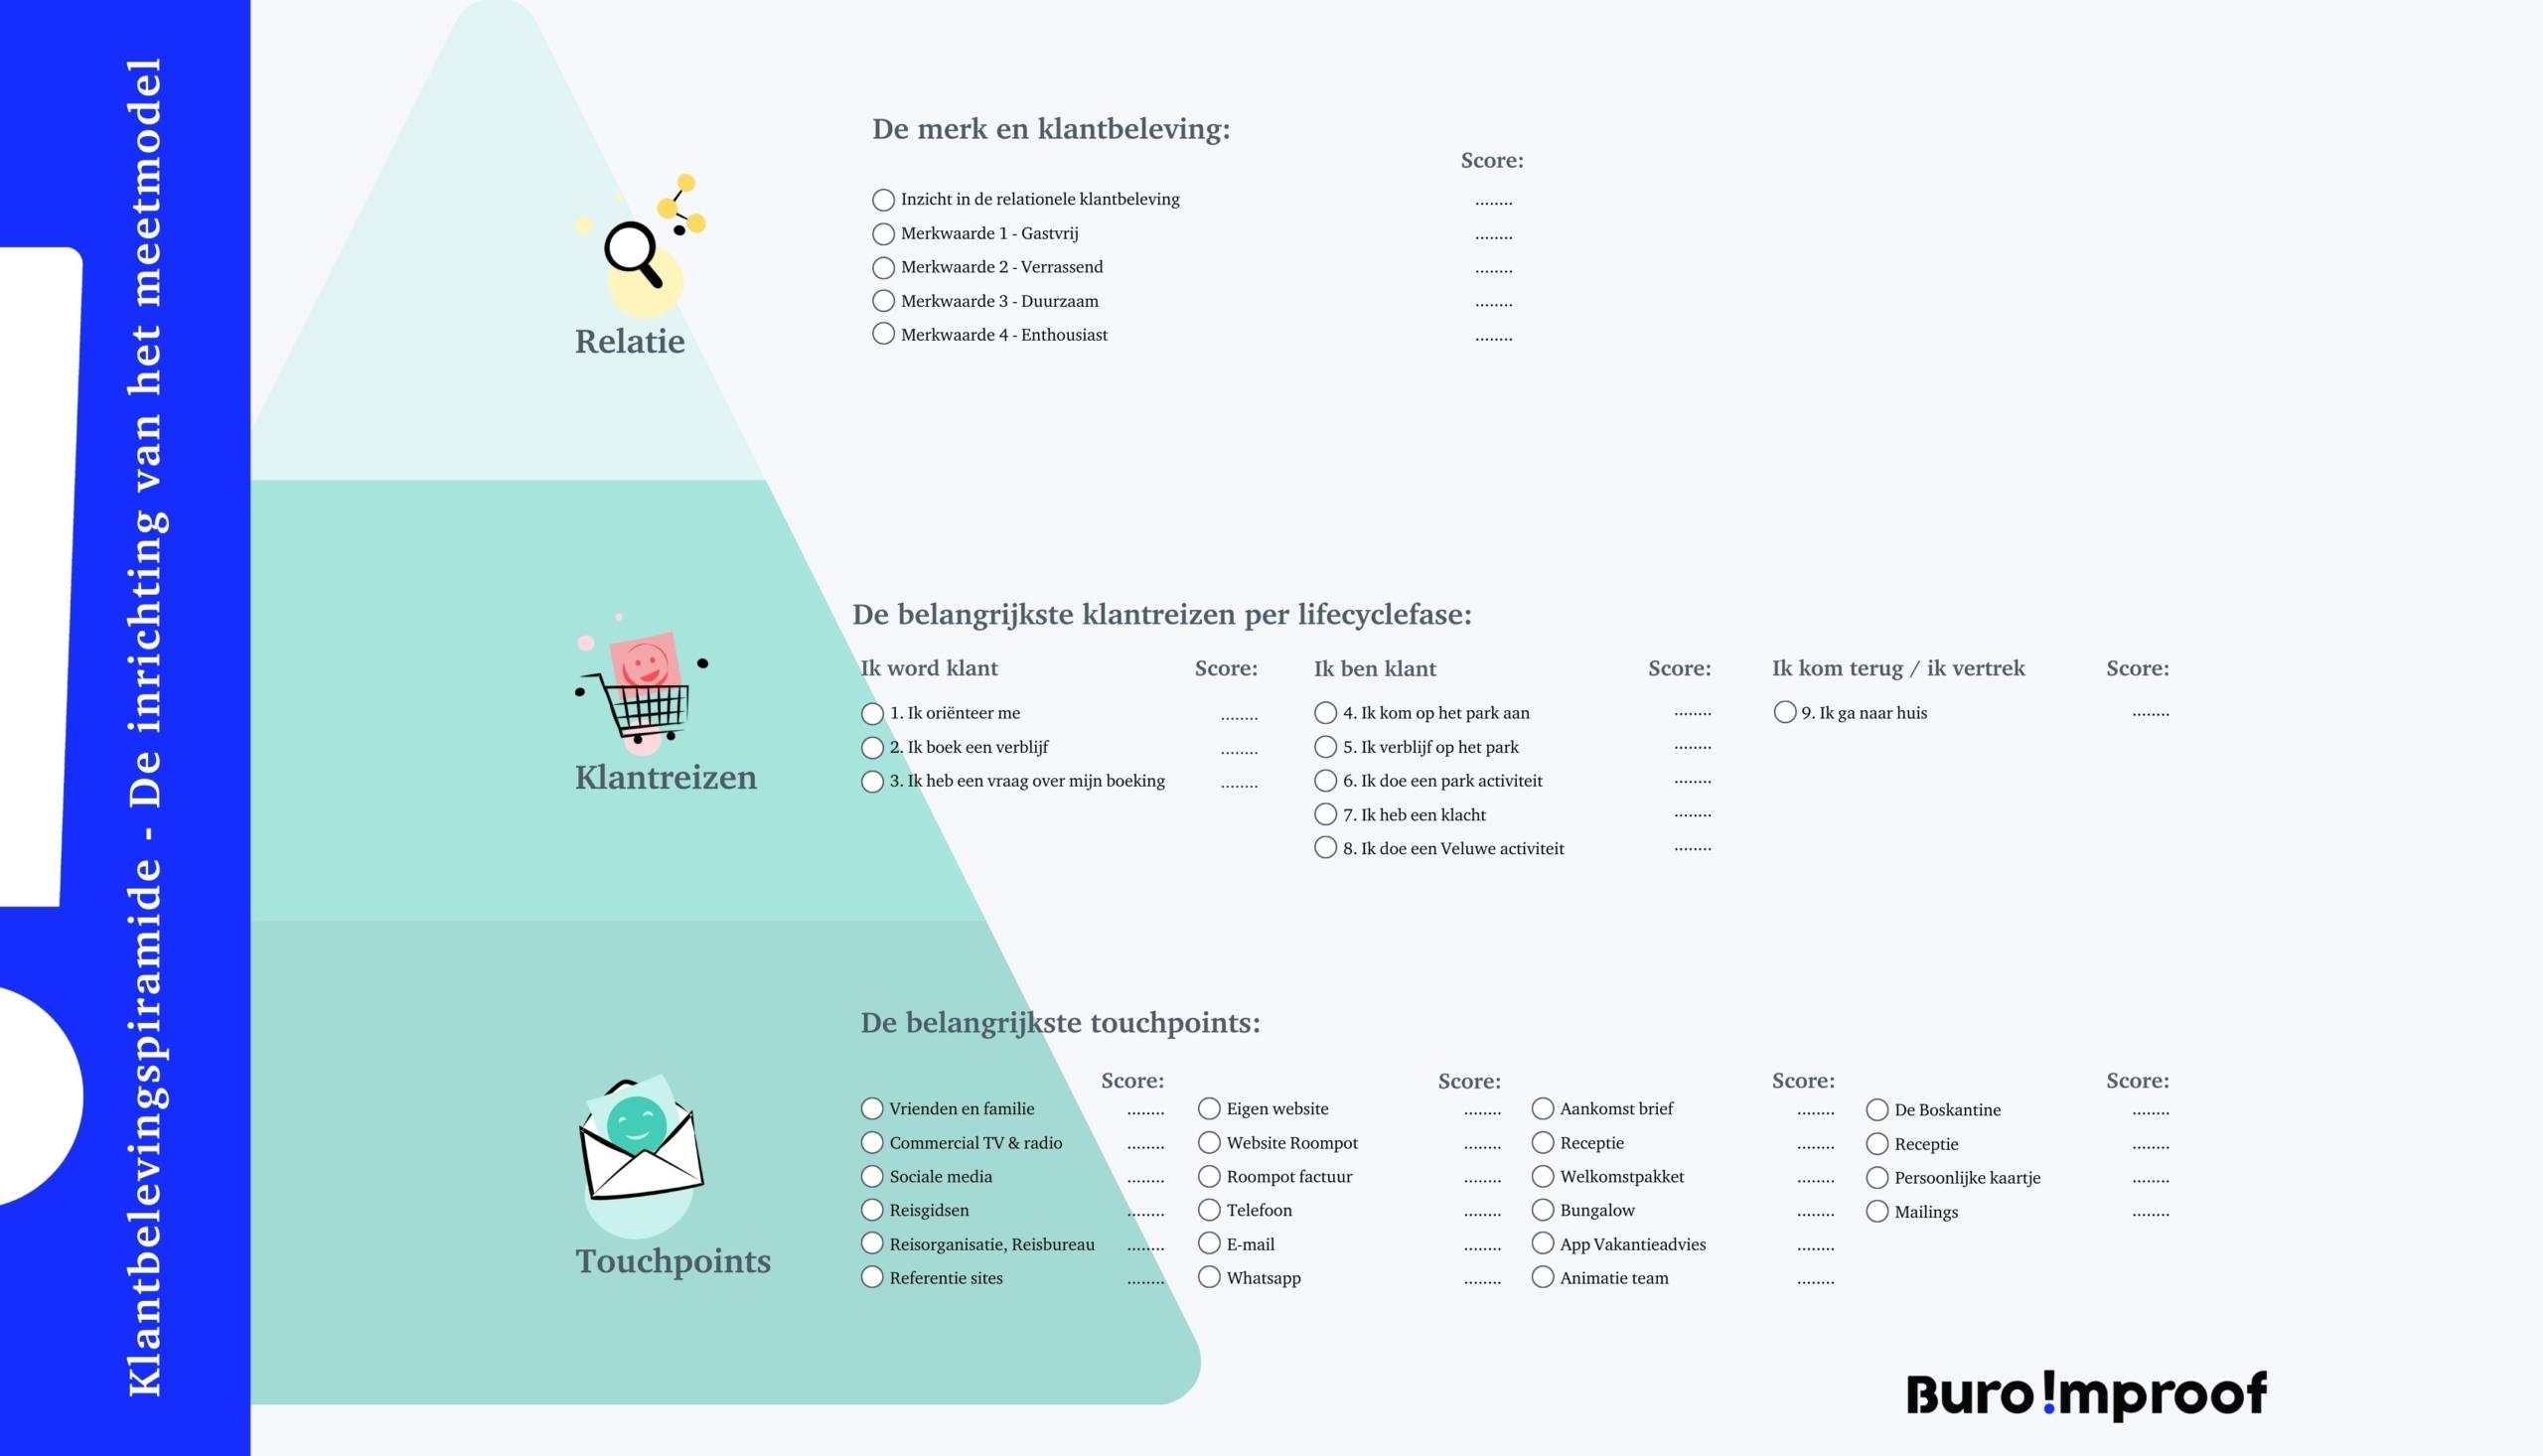 Het Meetmodel van Buro Improof voor Klantbeleving